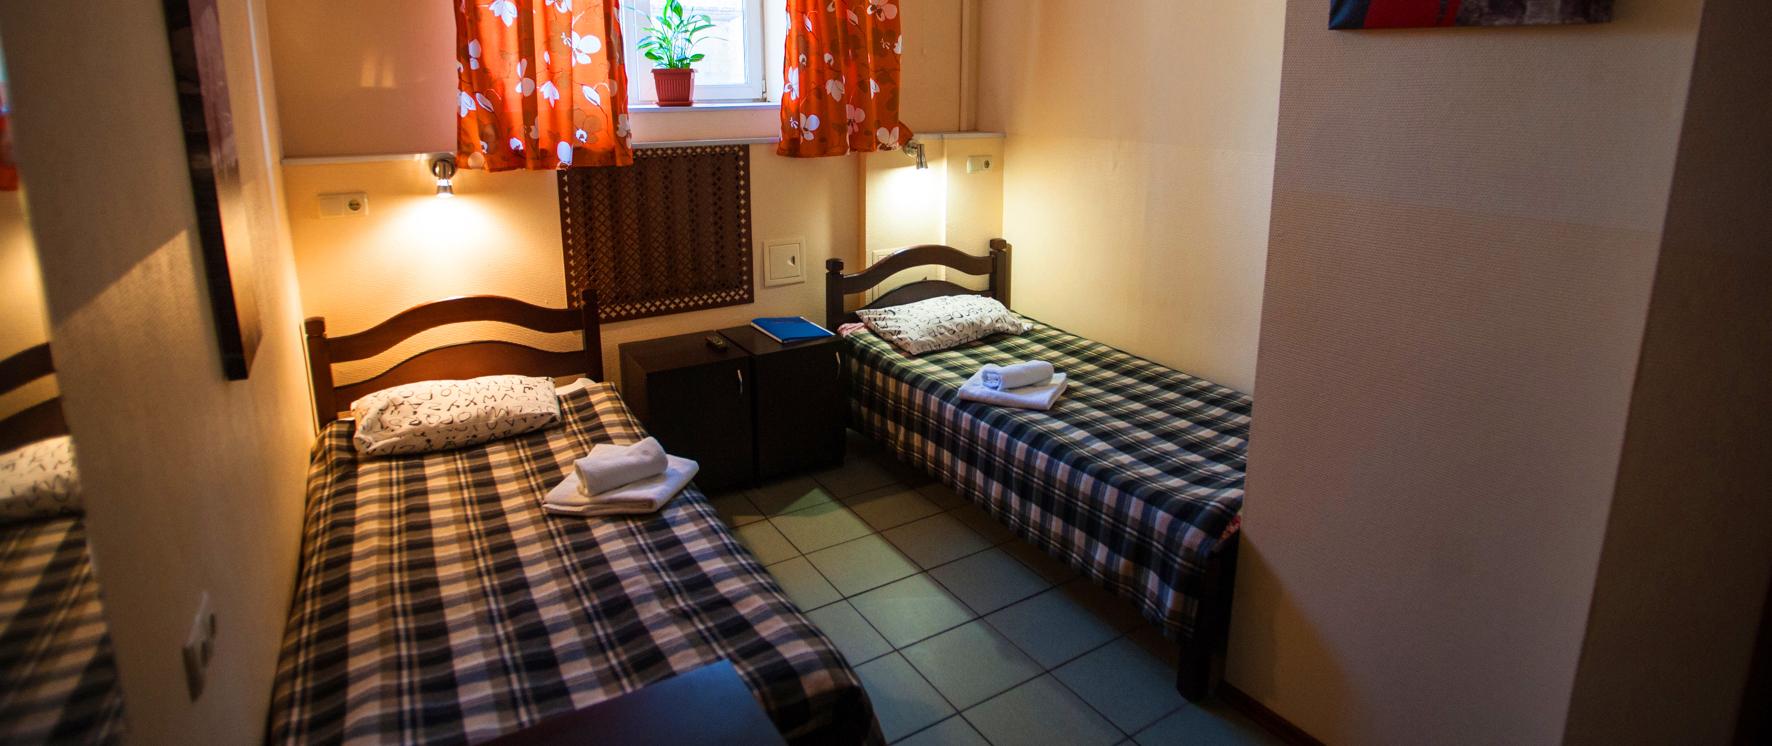 В Совете Федерации не одобряют запрет на размещение хостелов в жилых домах